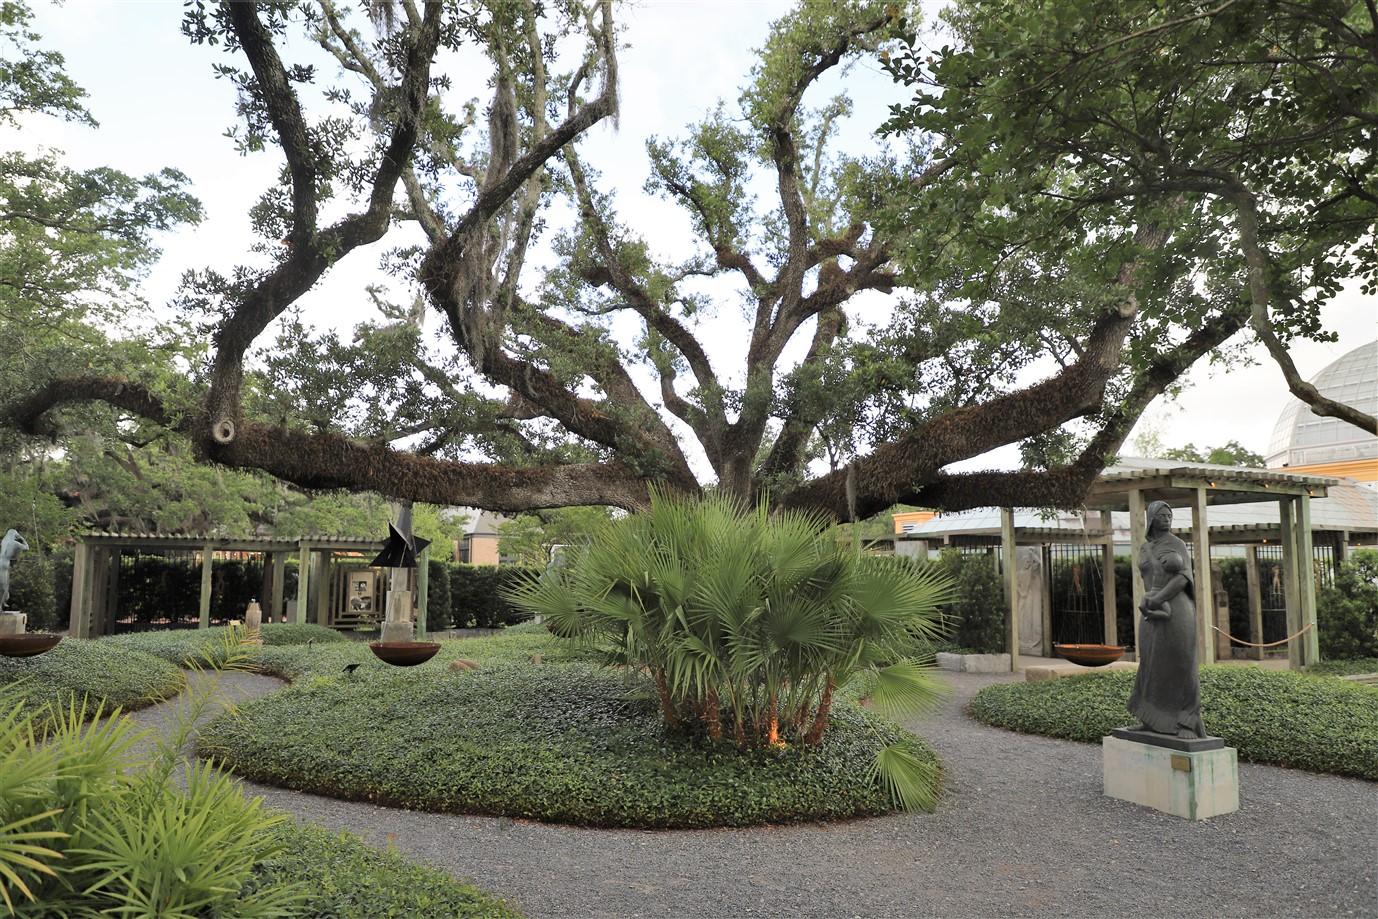 2019 05 18 173 New Orleans Botanical Gardens.jpg